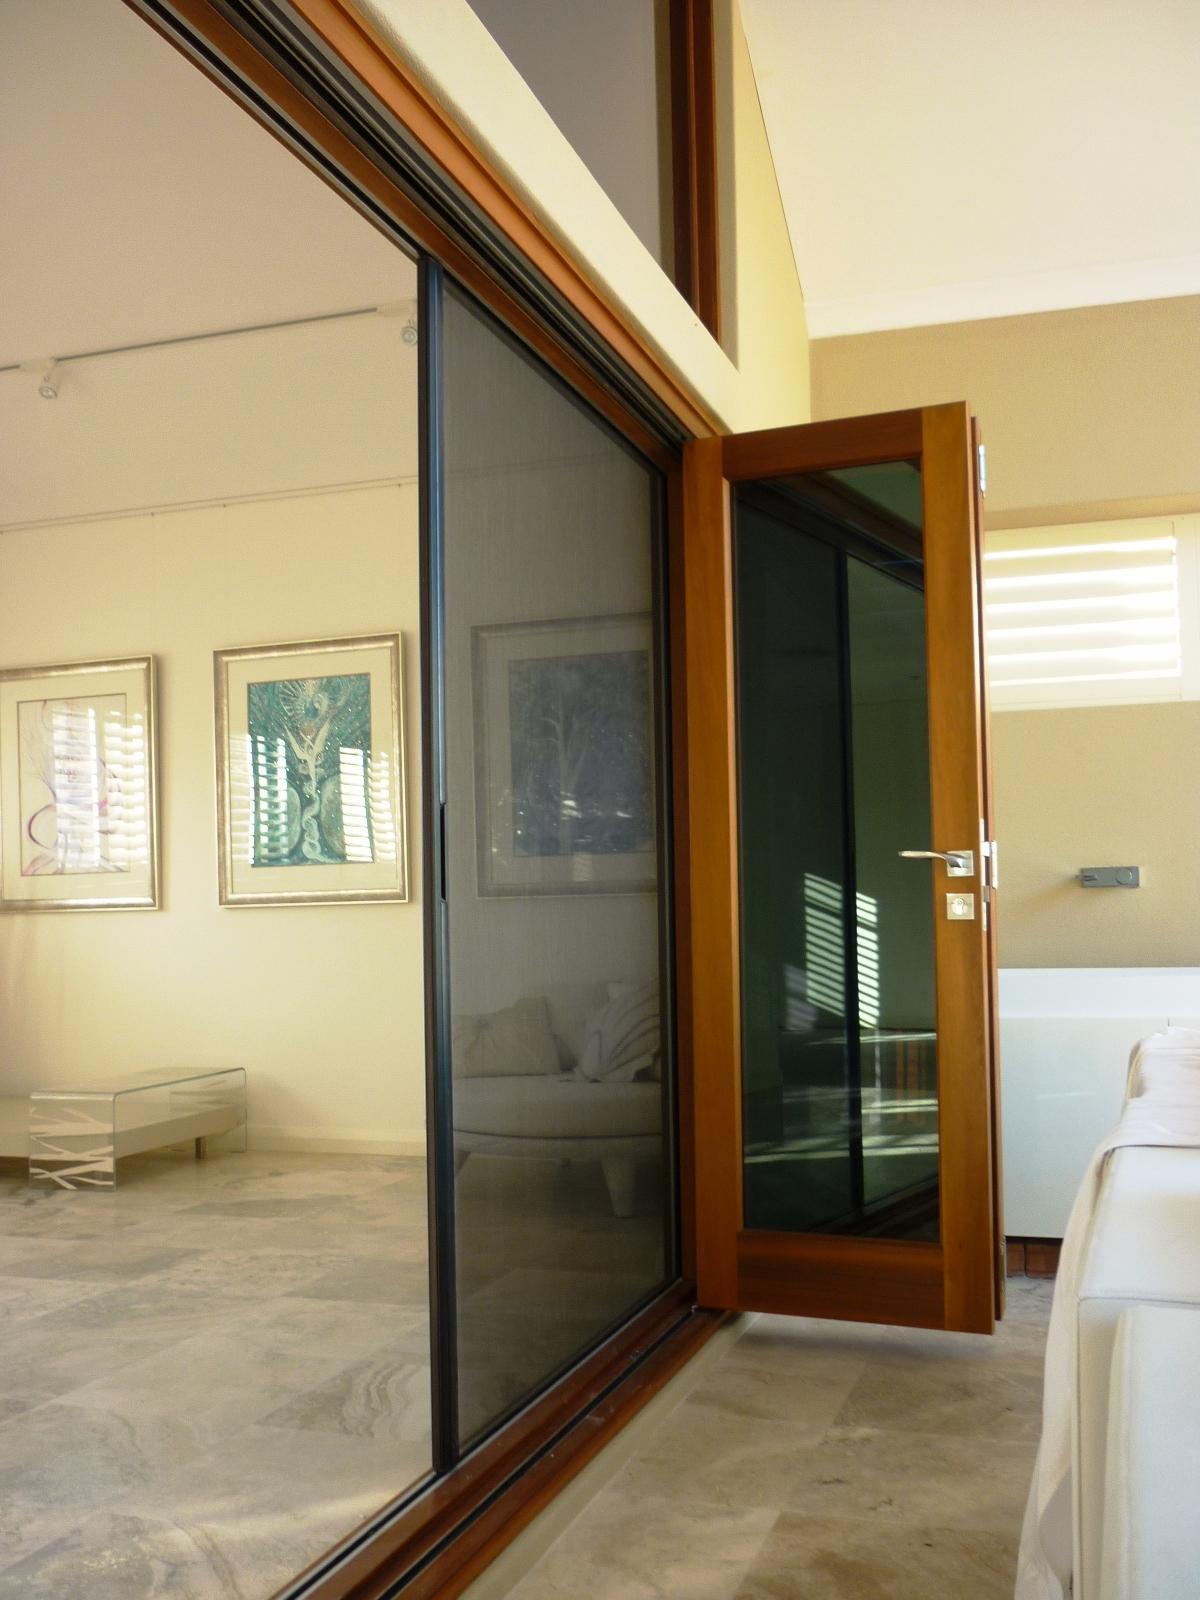 Bifold door with retractable screen